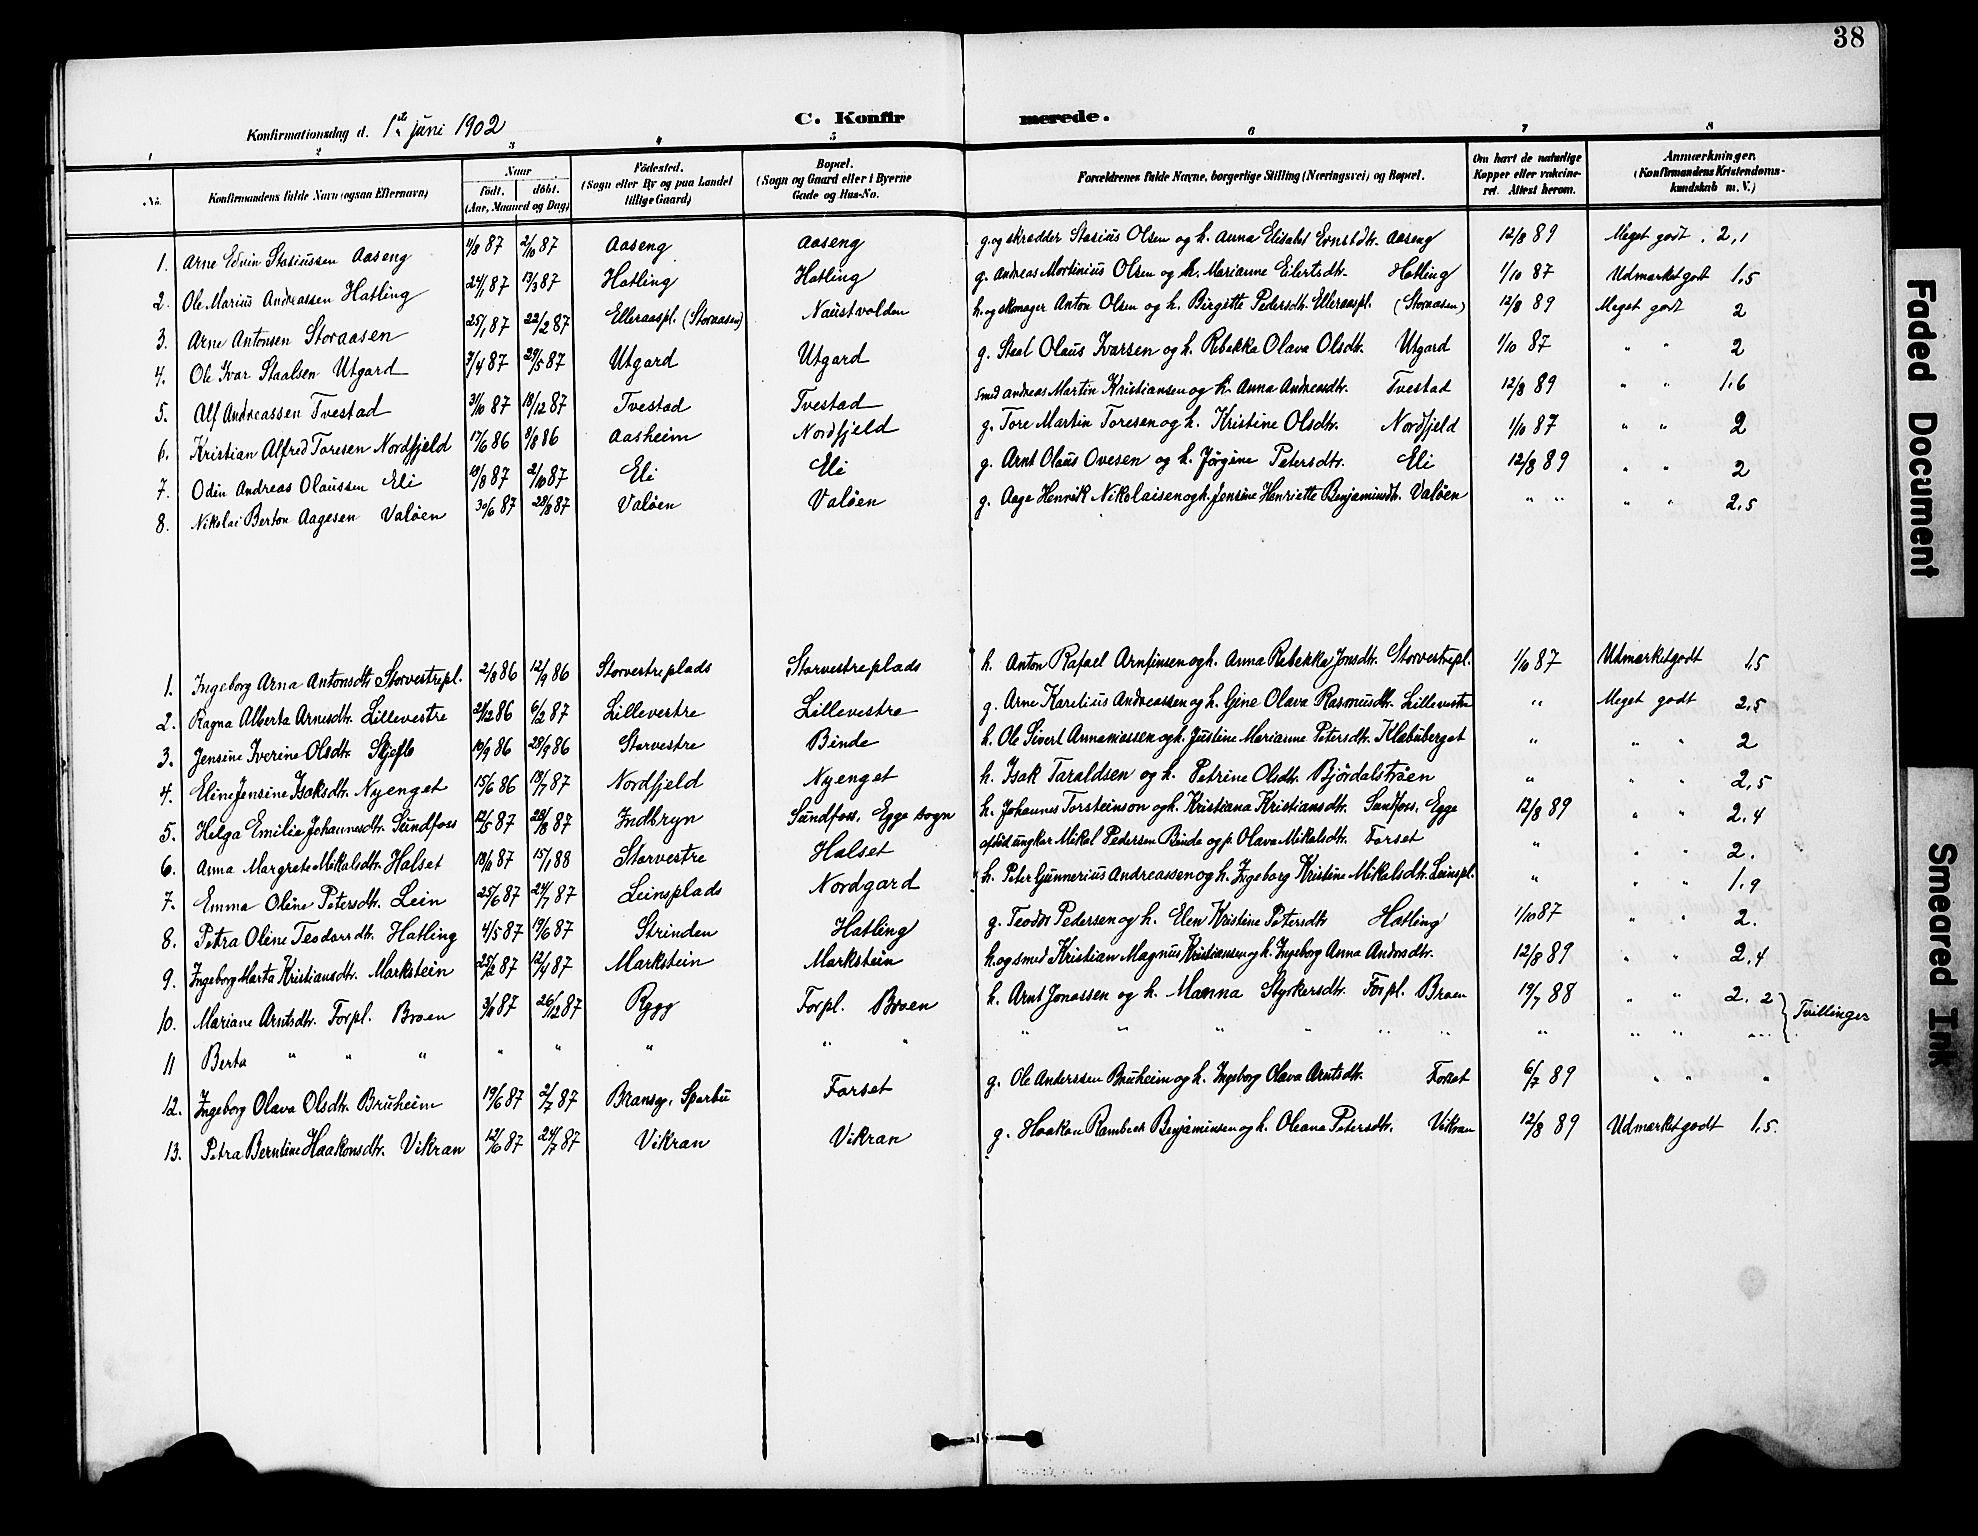 SAT, Ministerialprotokoller, klokkerbøker og fødselsregistre - Nord-Trøndelag, 746/L0452: Ministerialbok nr. 746A09, 1900-1908, s. 38